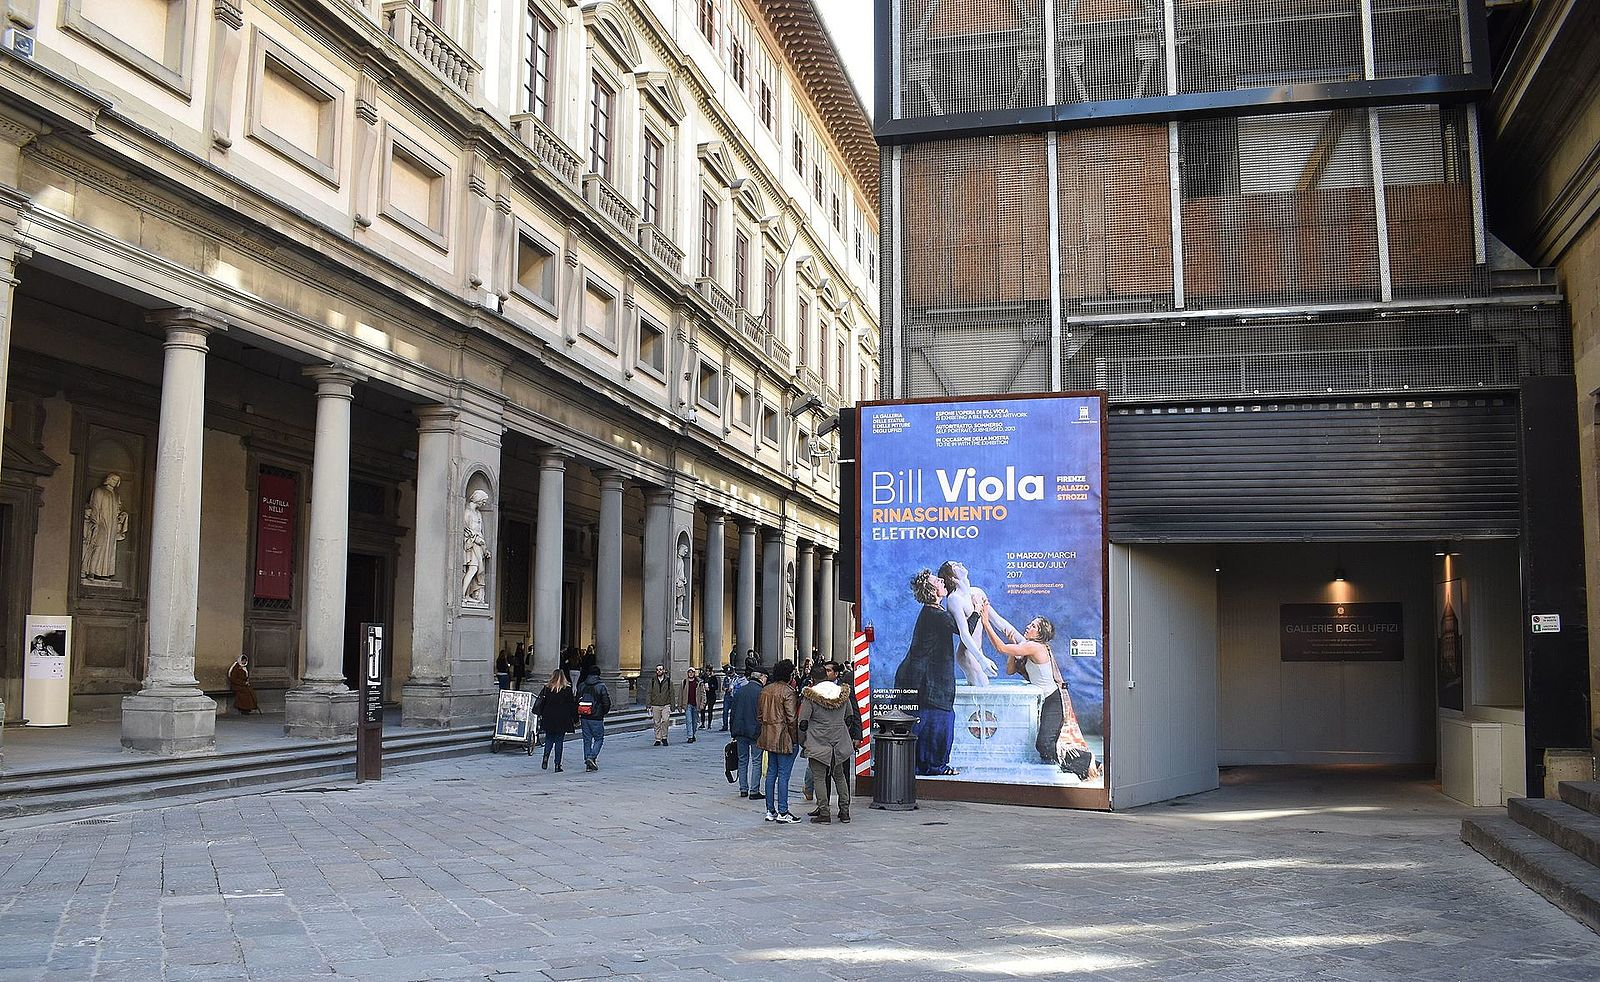 Uffizi_Bill_Viola_mostra_Firenze